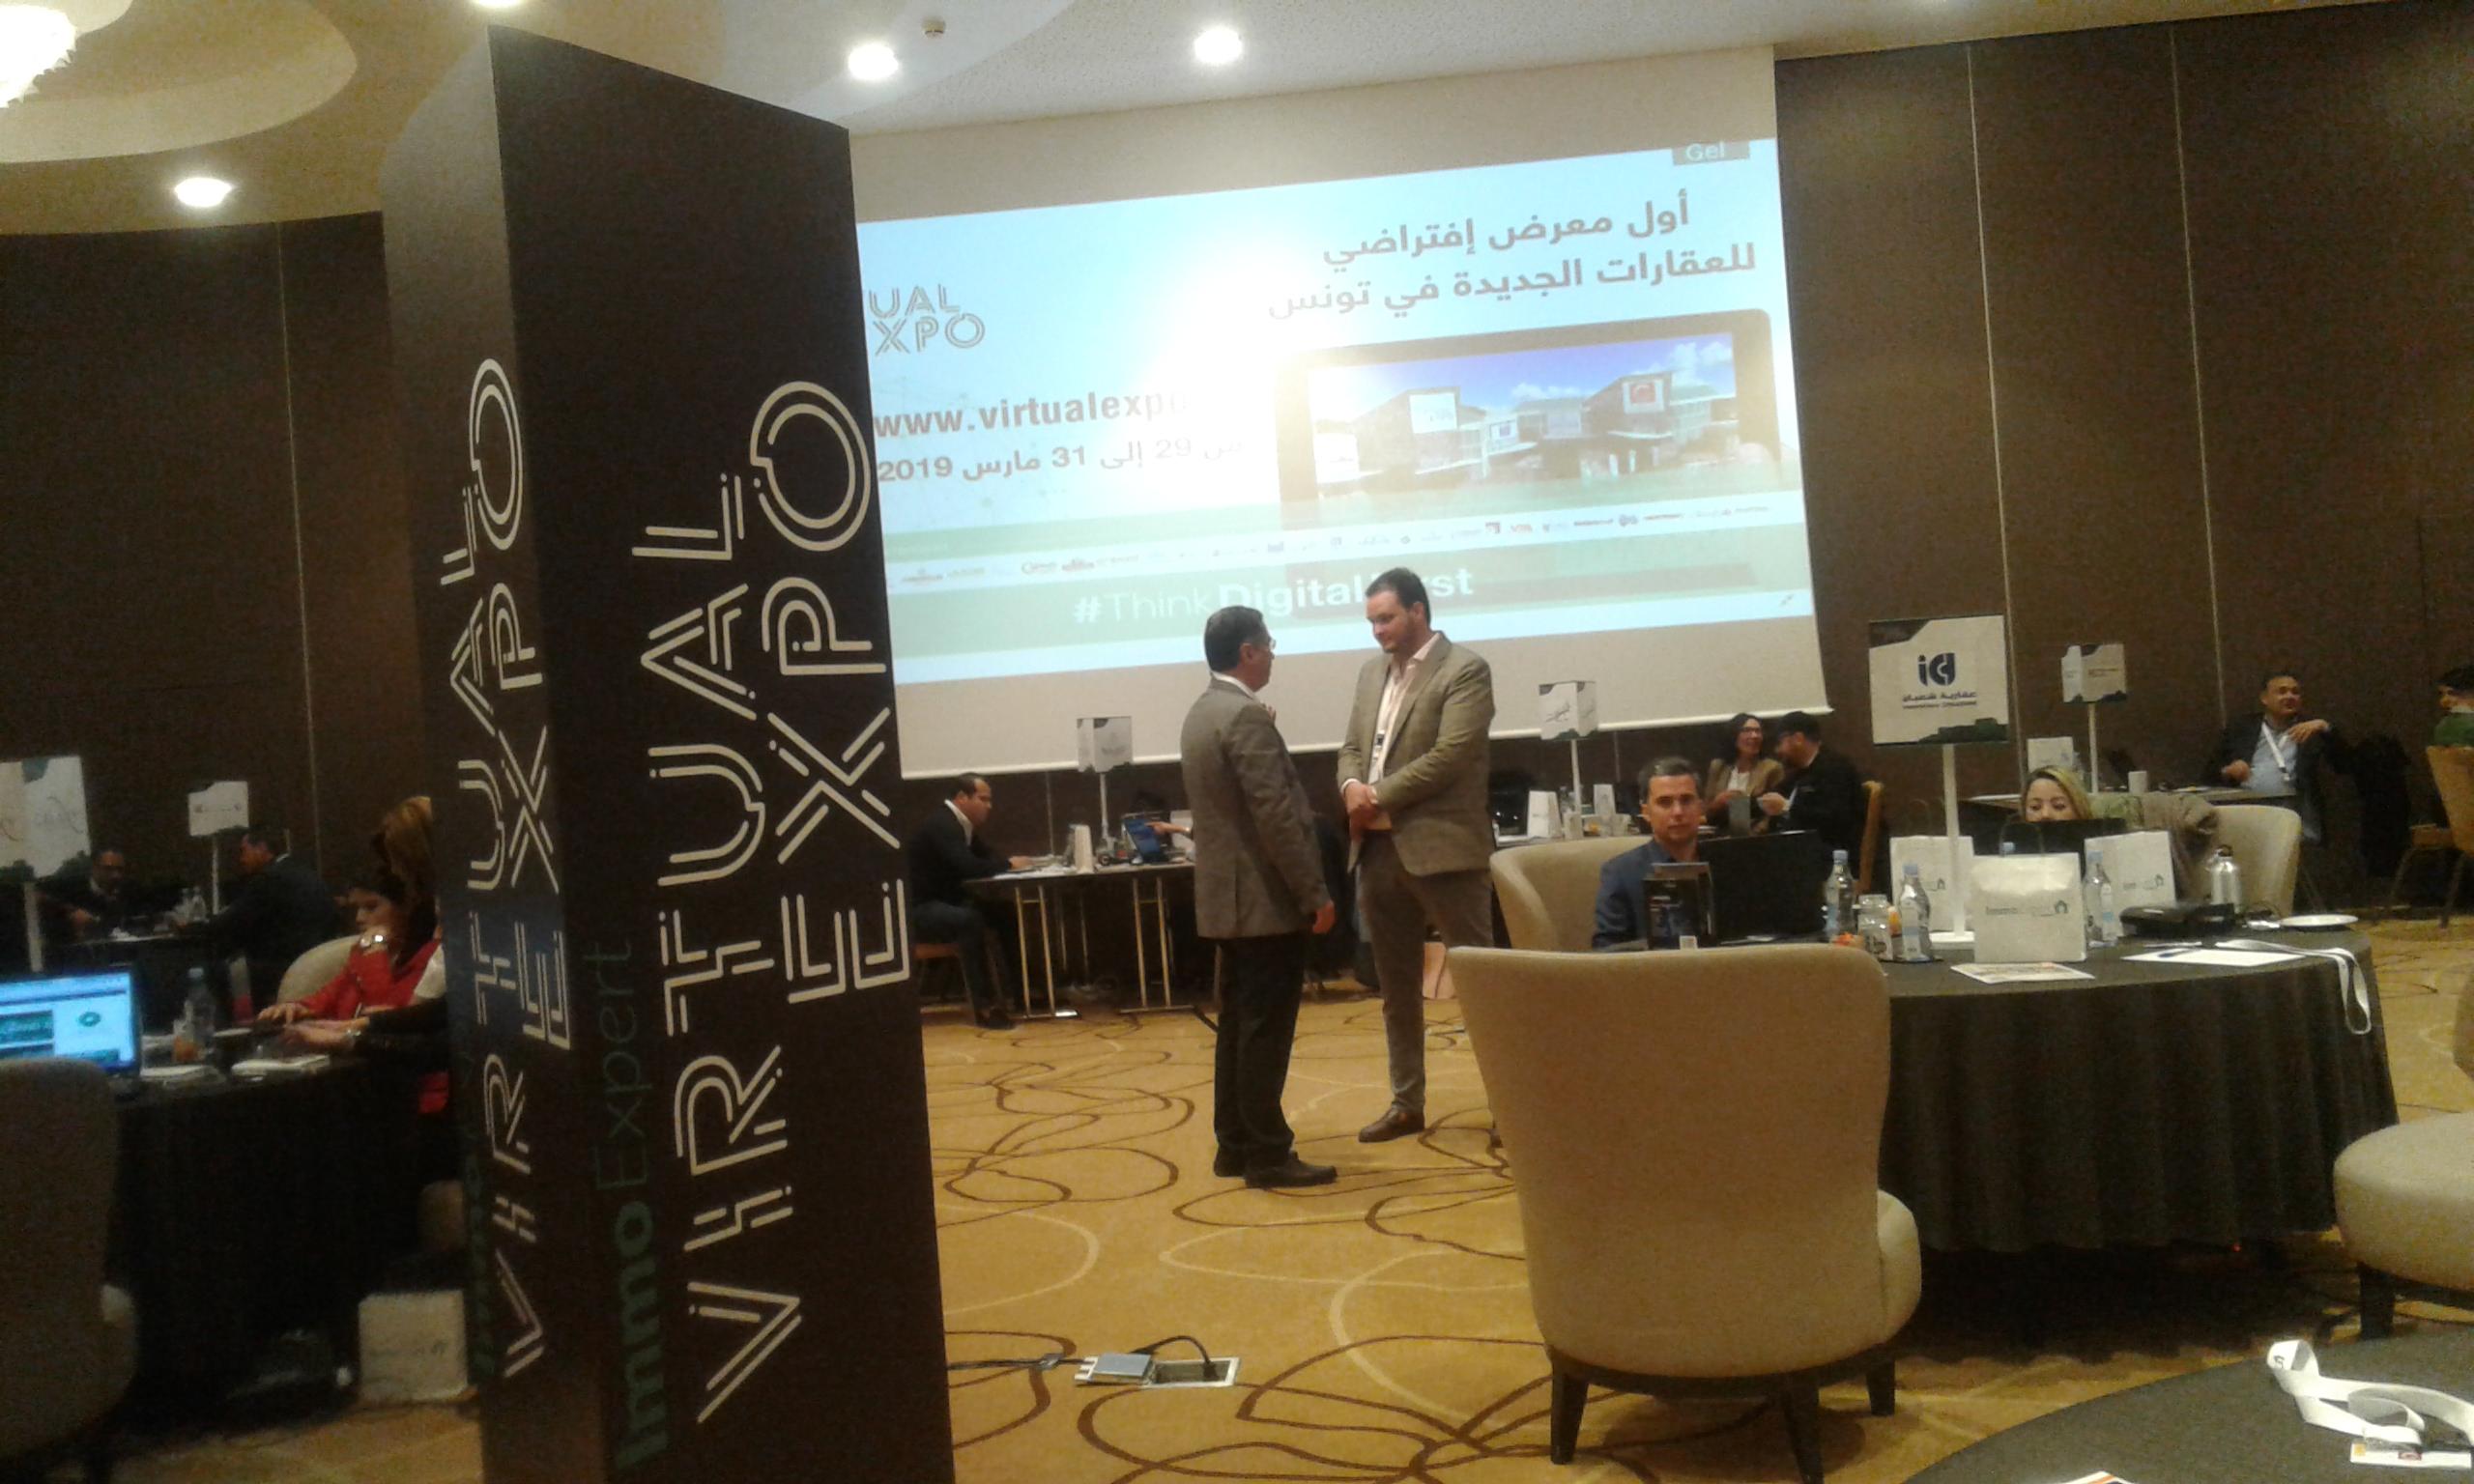 """الصالون الافتراضي الأول للعقارات الجديدة في تونس """"ImmoExpert Virtual Expo"""""""